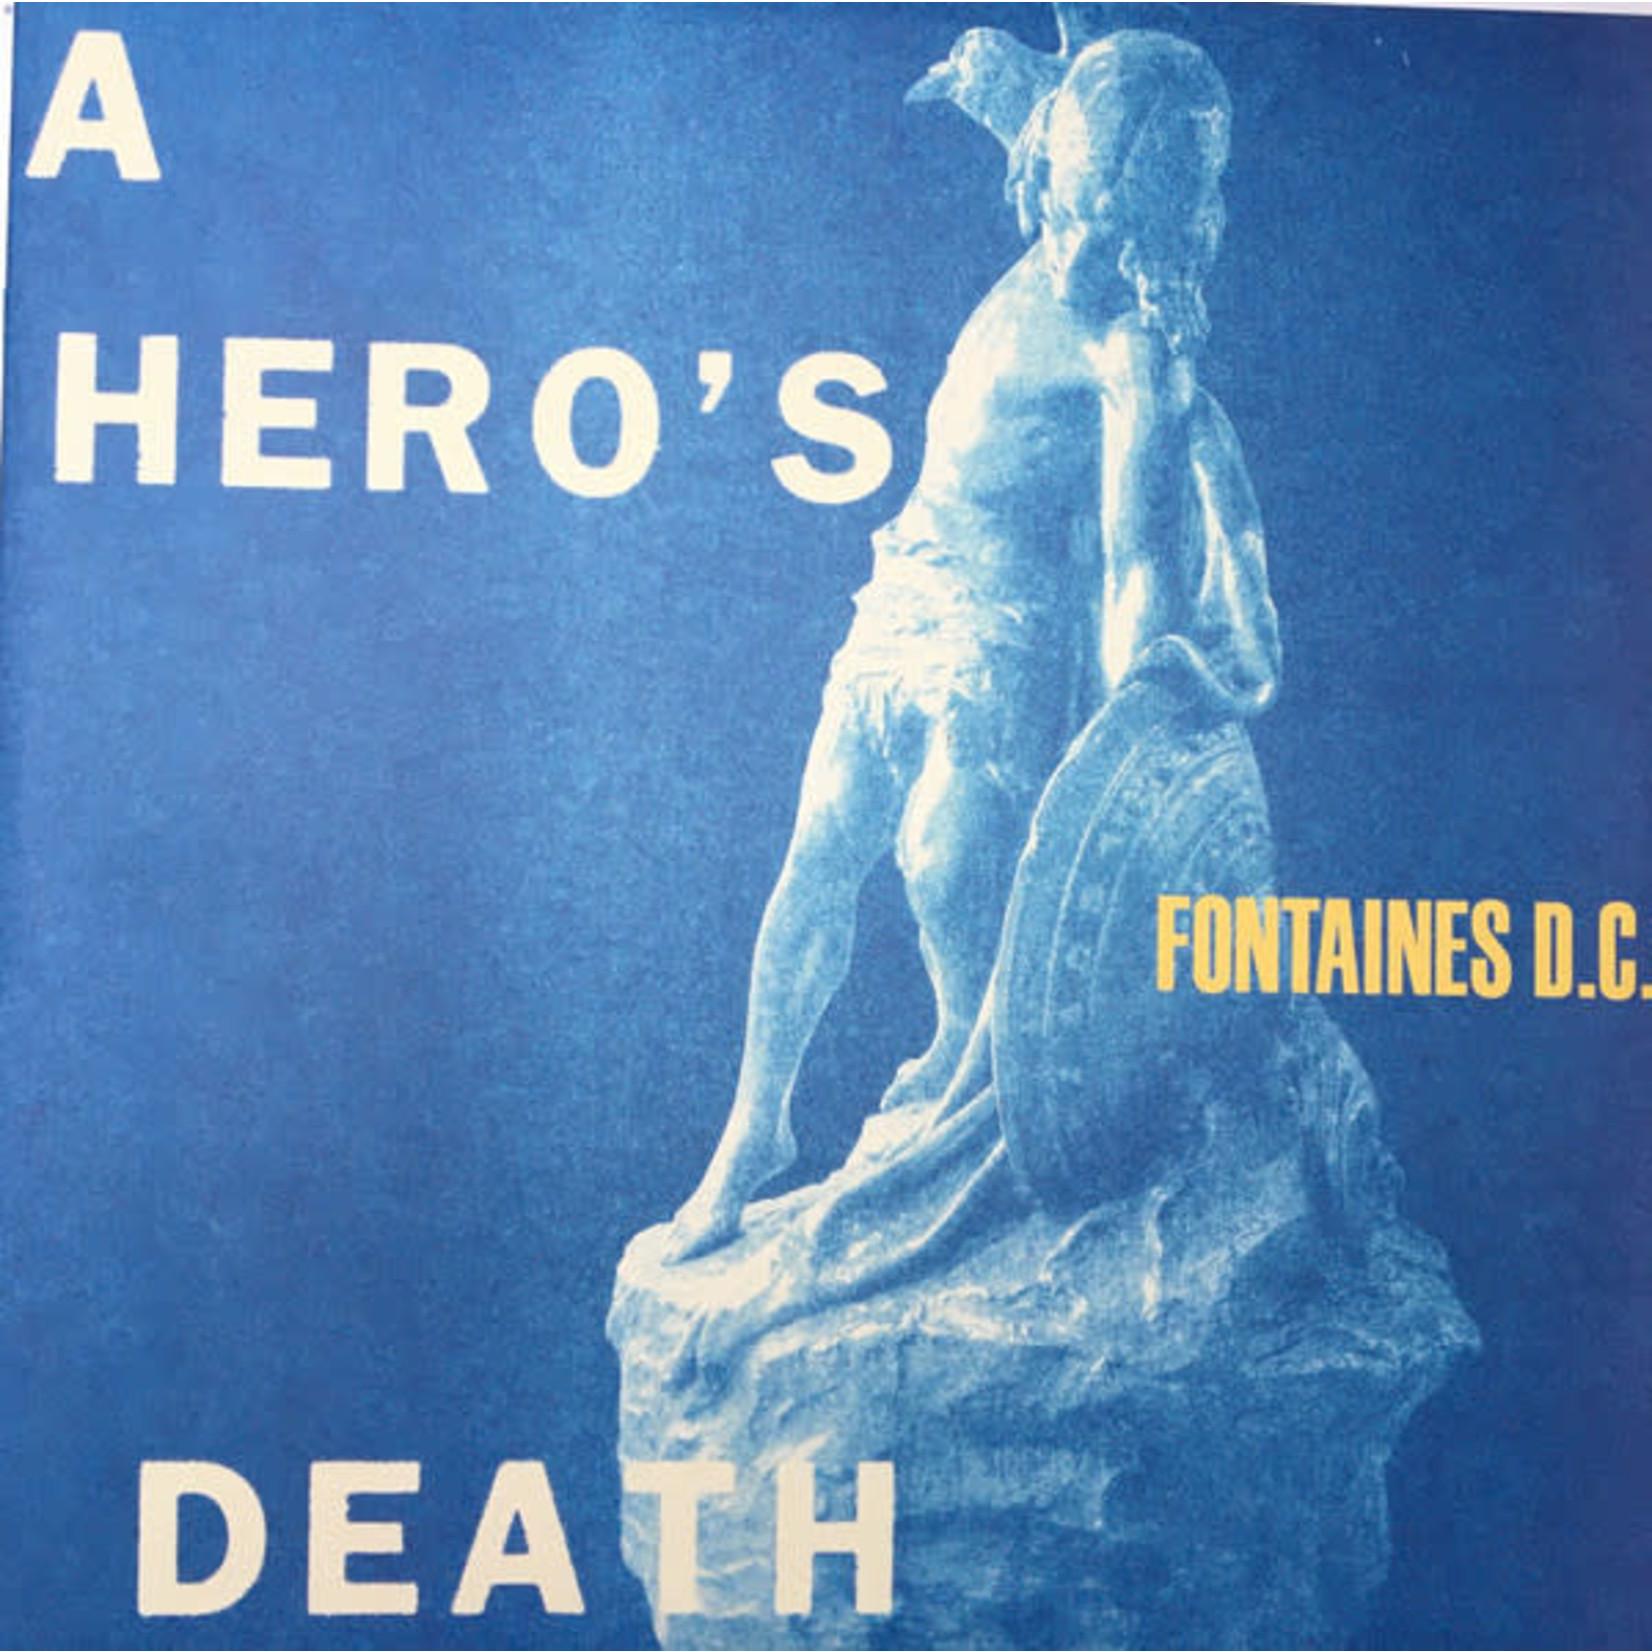 FONTAINES D.C. A HERO'S DEATH (LP DLX) 45 RPM 2 LP